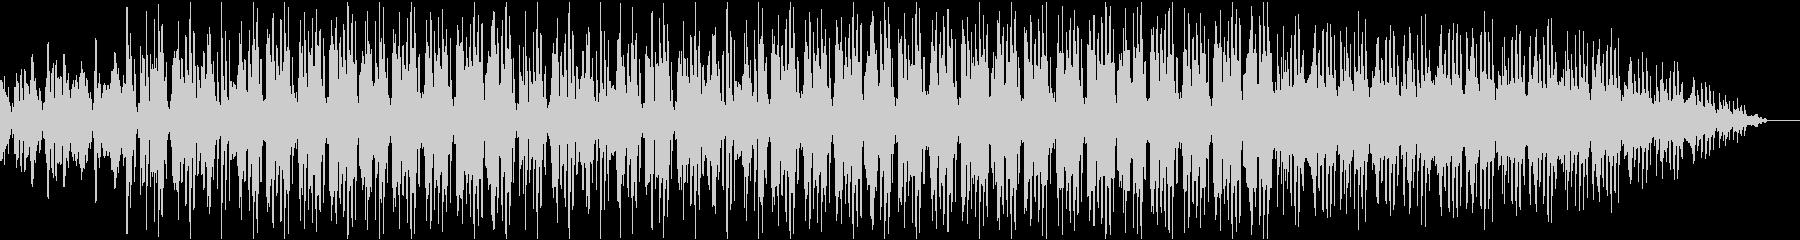 ほのぼのとしたポップスの未再生の波形